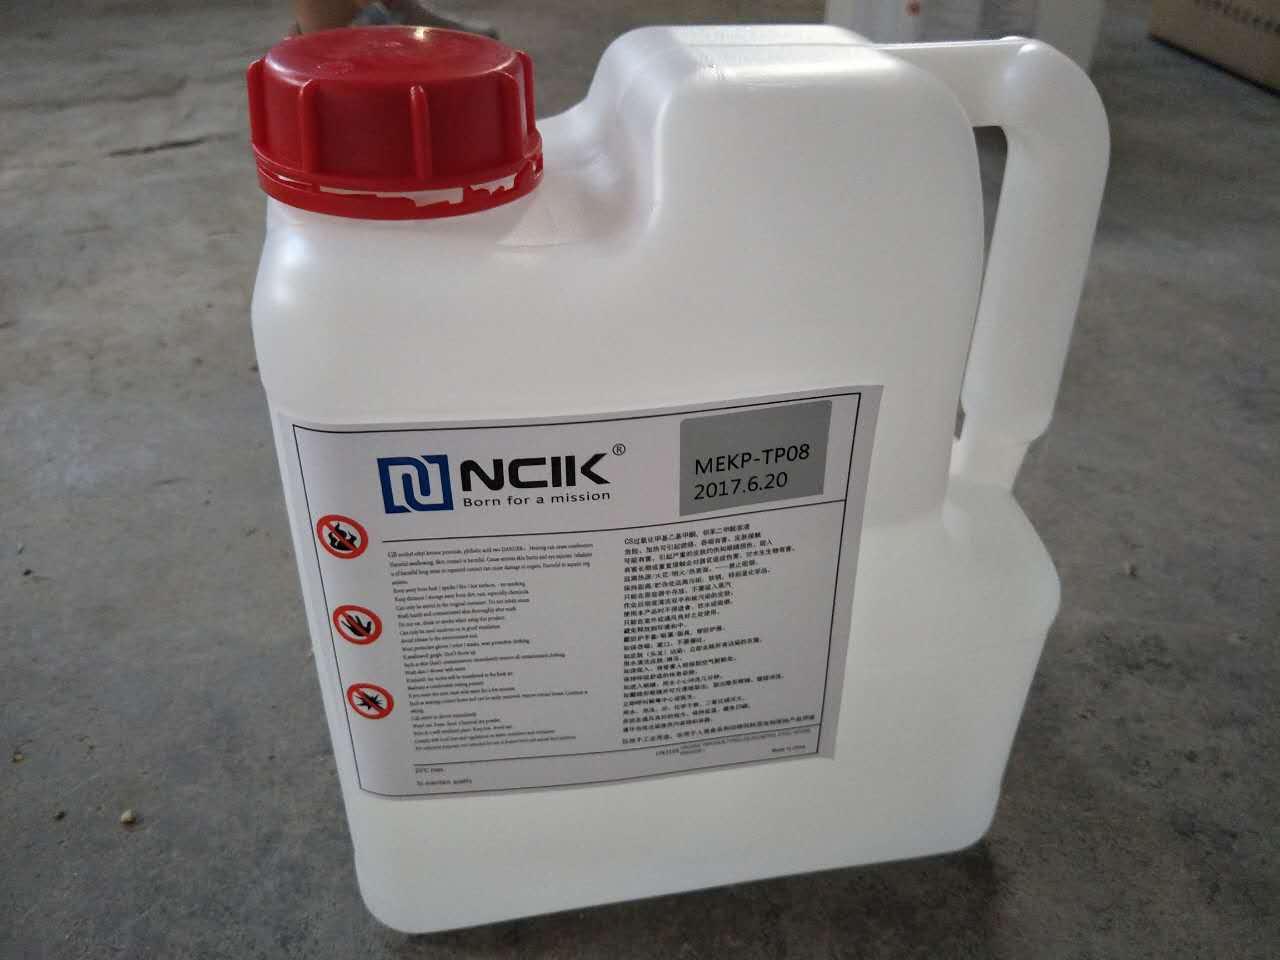 库克固化剂TP08用于胶衣、水晶,符合国际标准图片